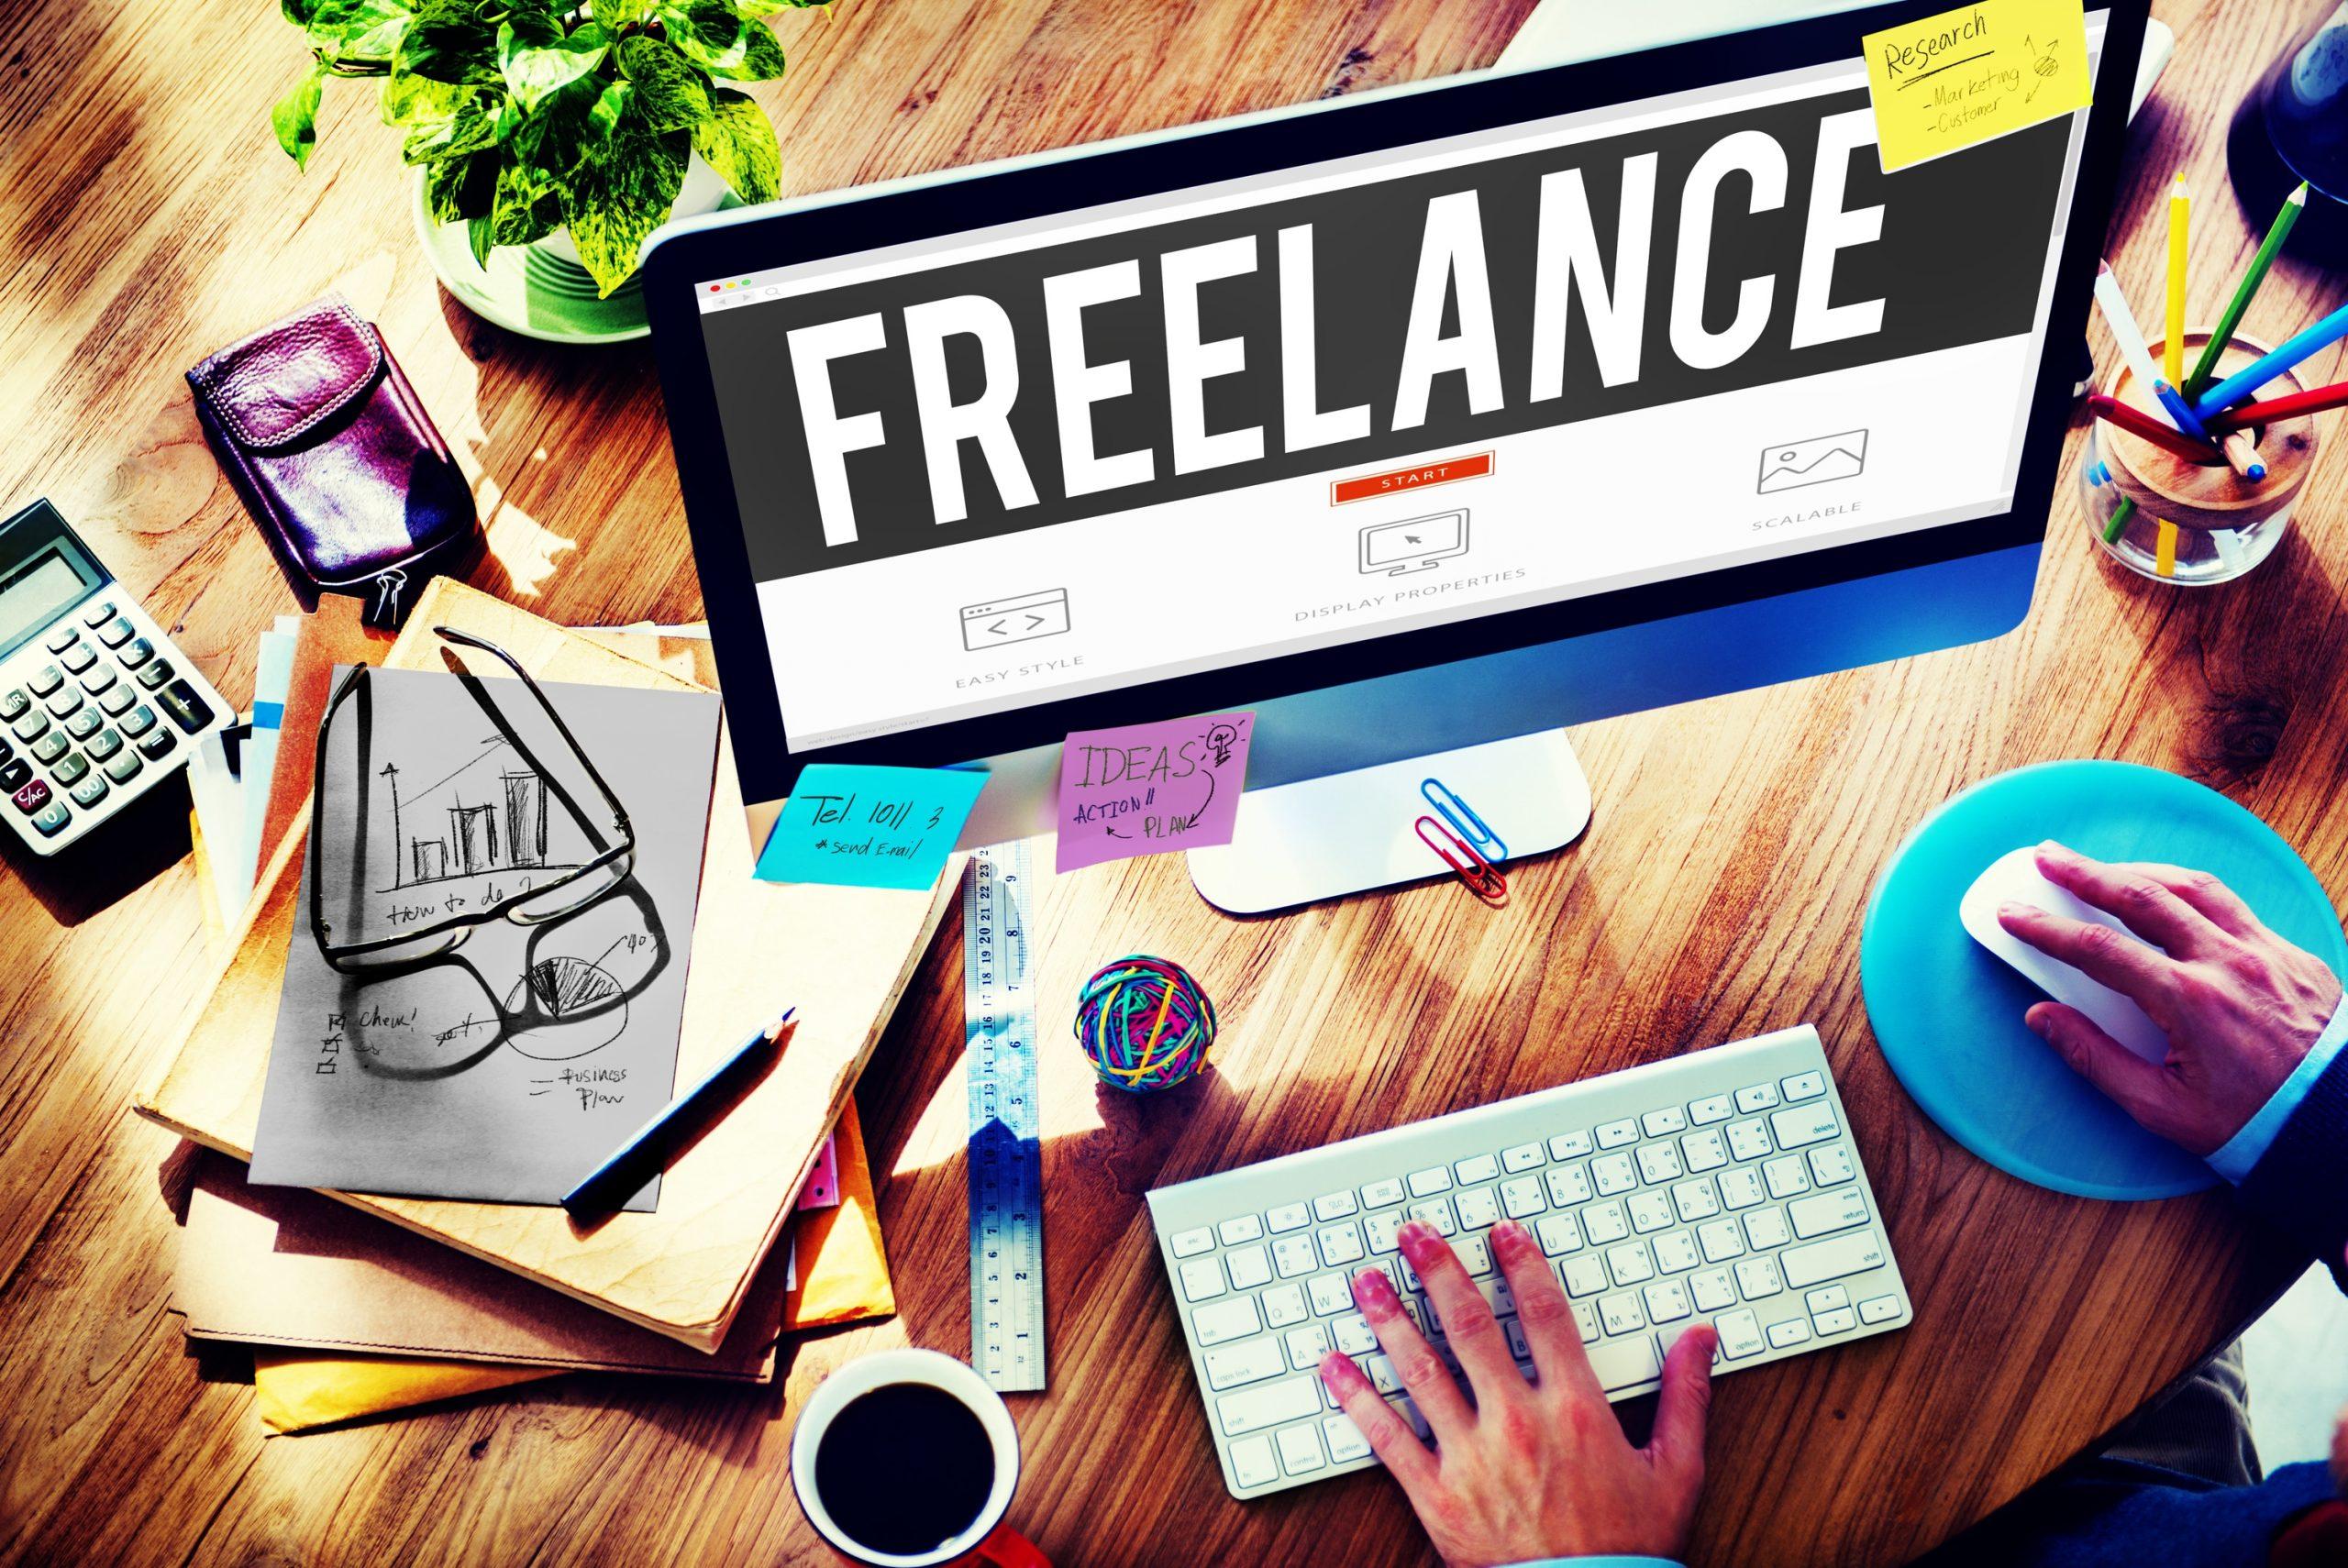 cách kiếm tiền online không cần vốn - Freelancer